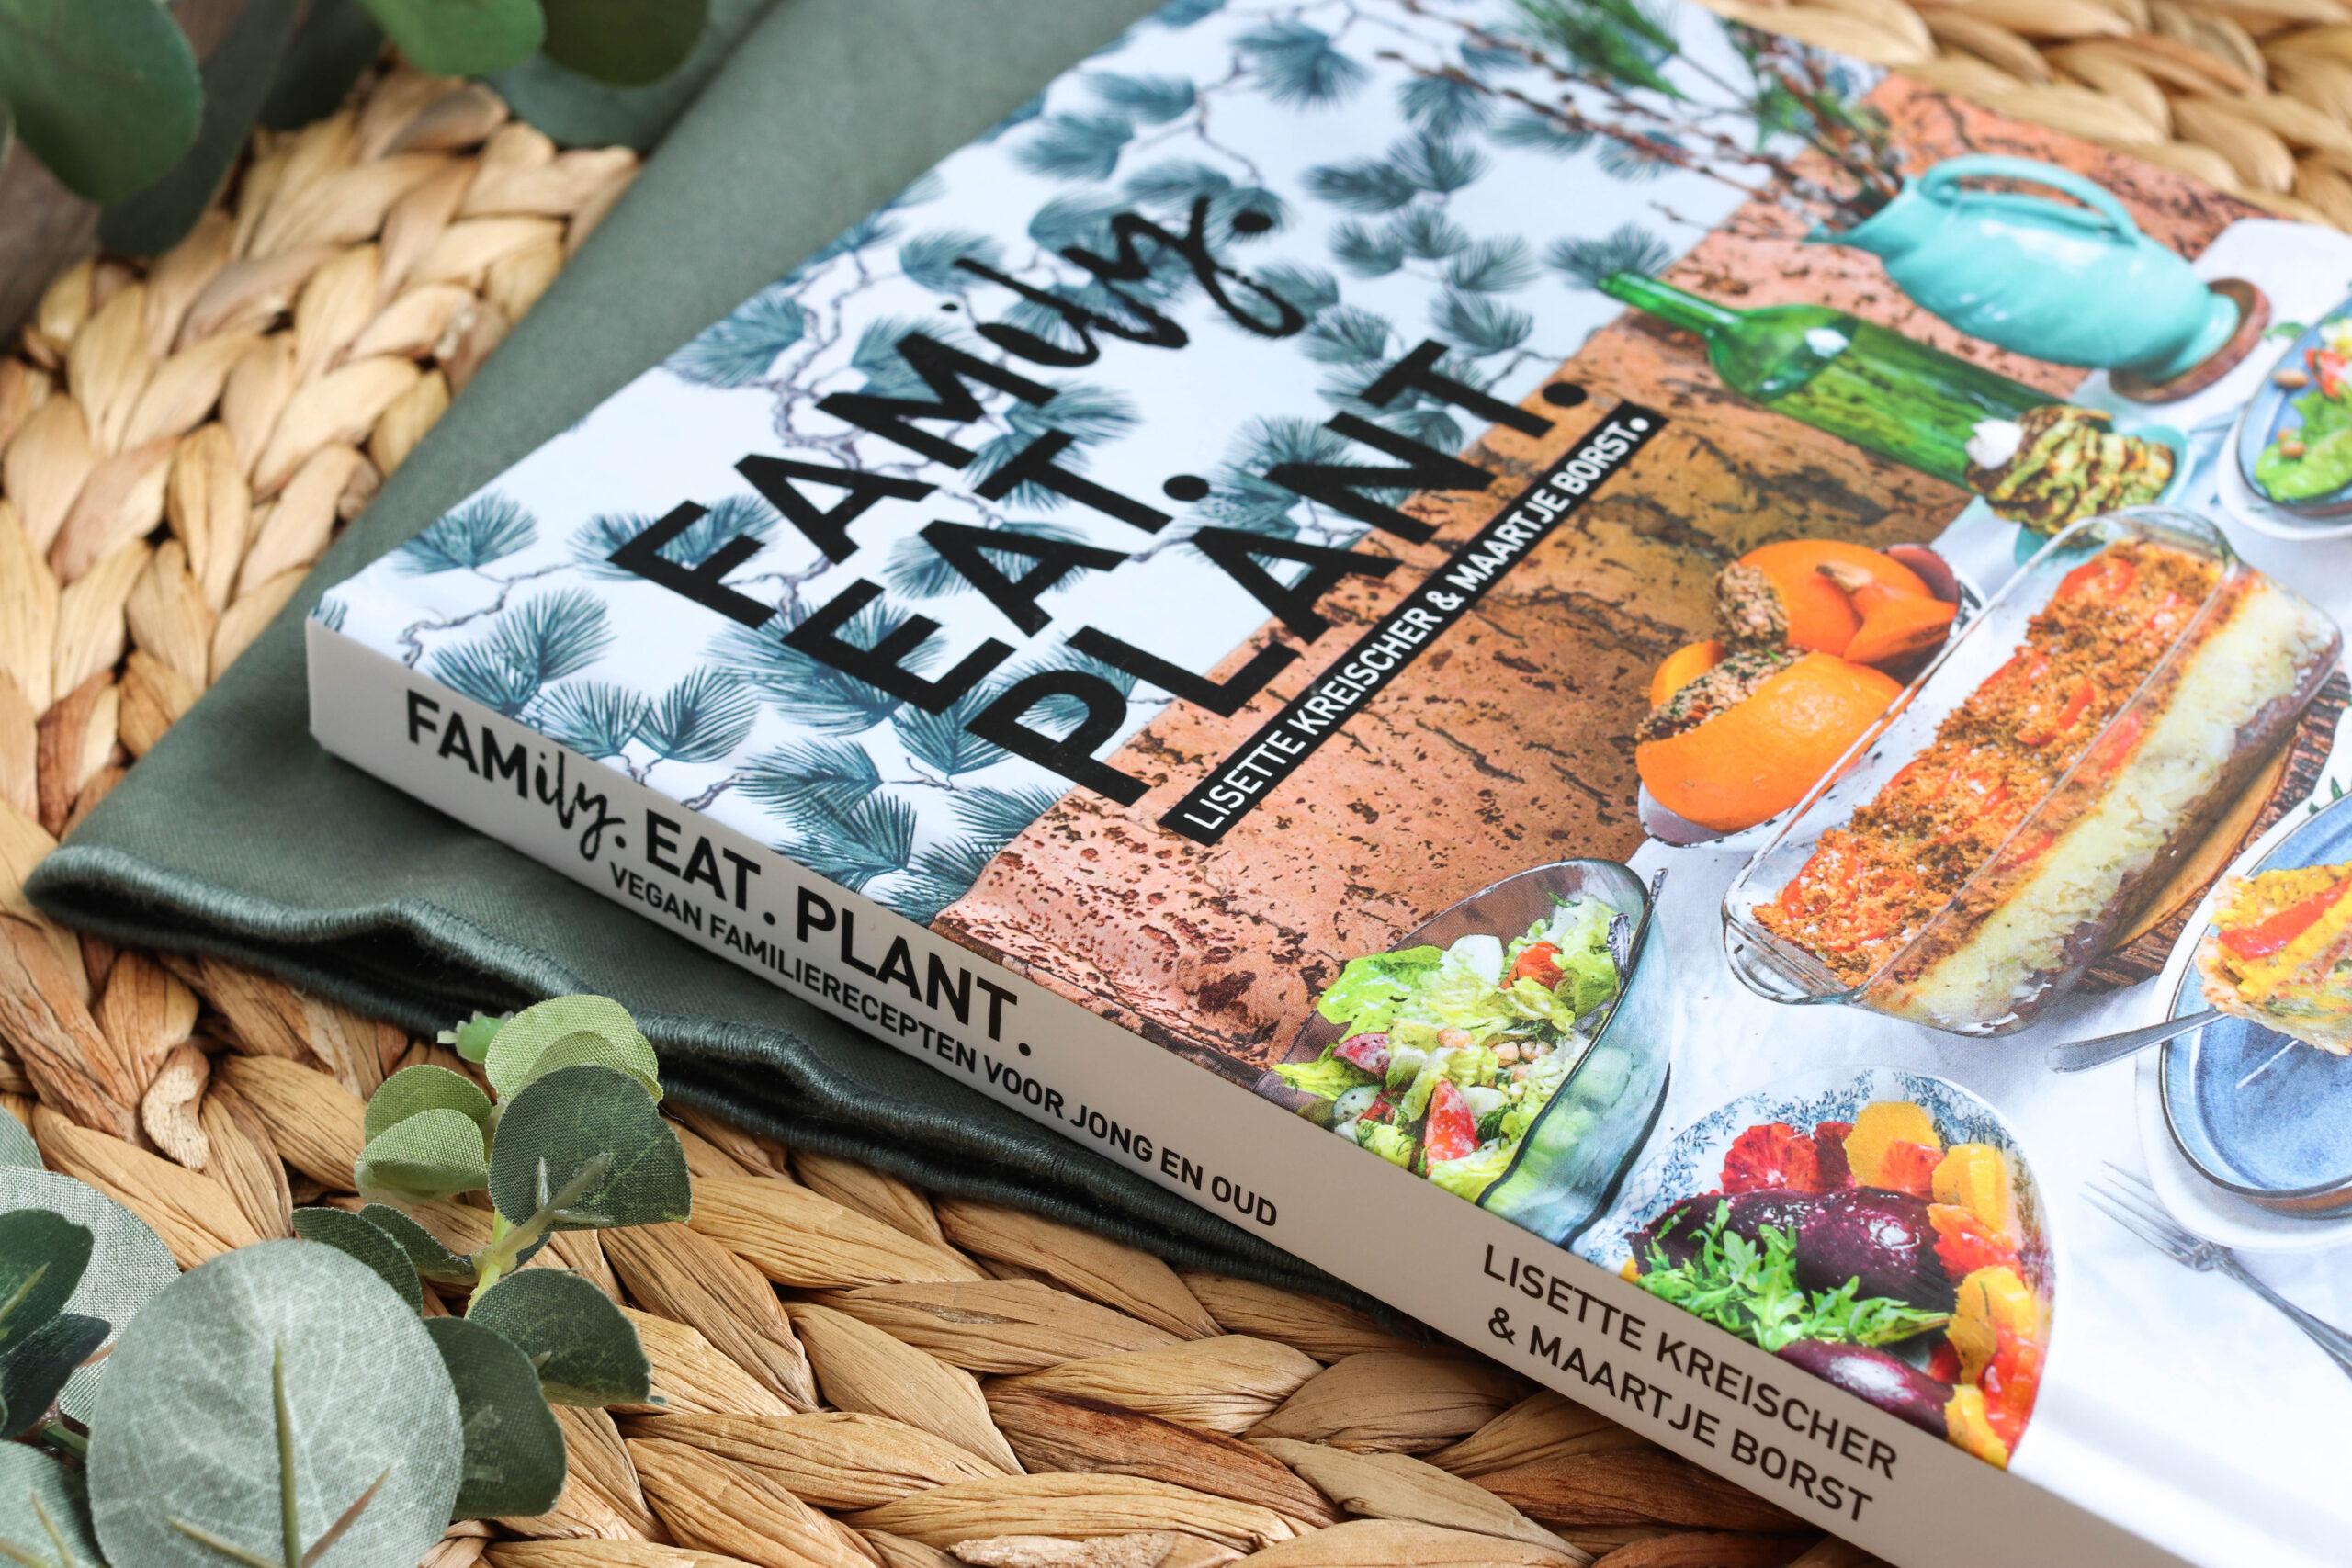 Family eat plant zijkant